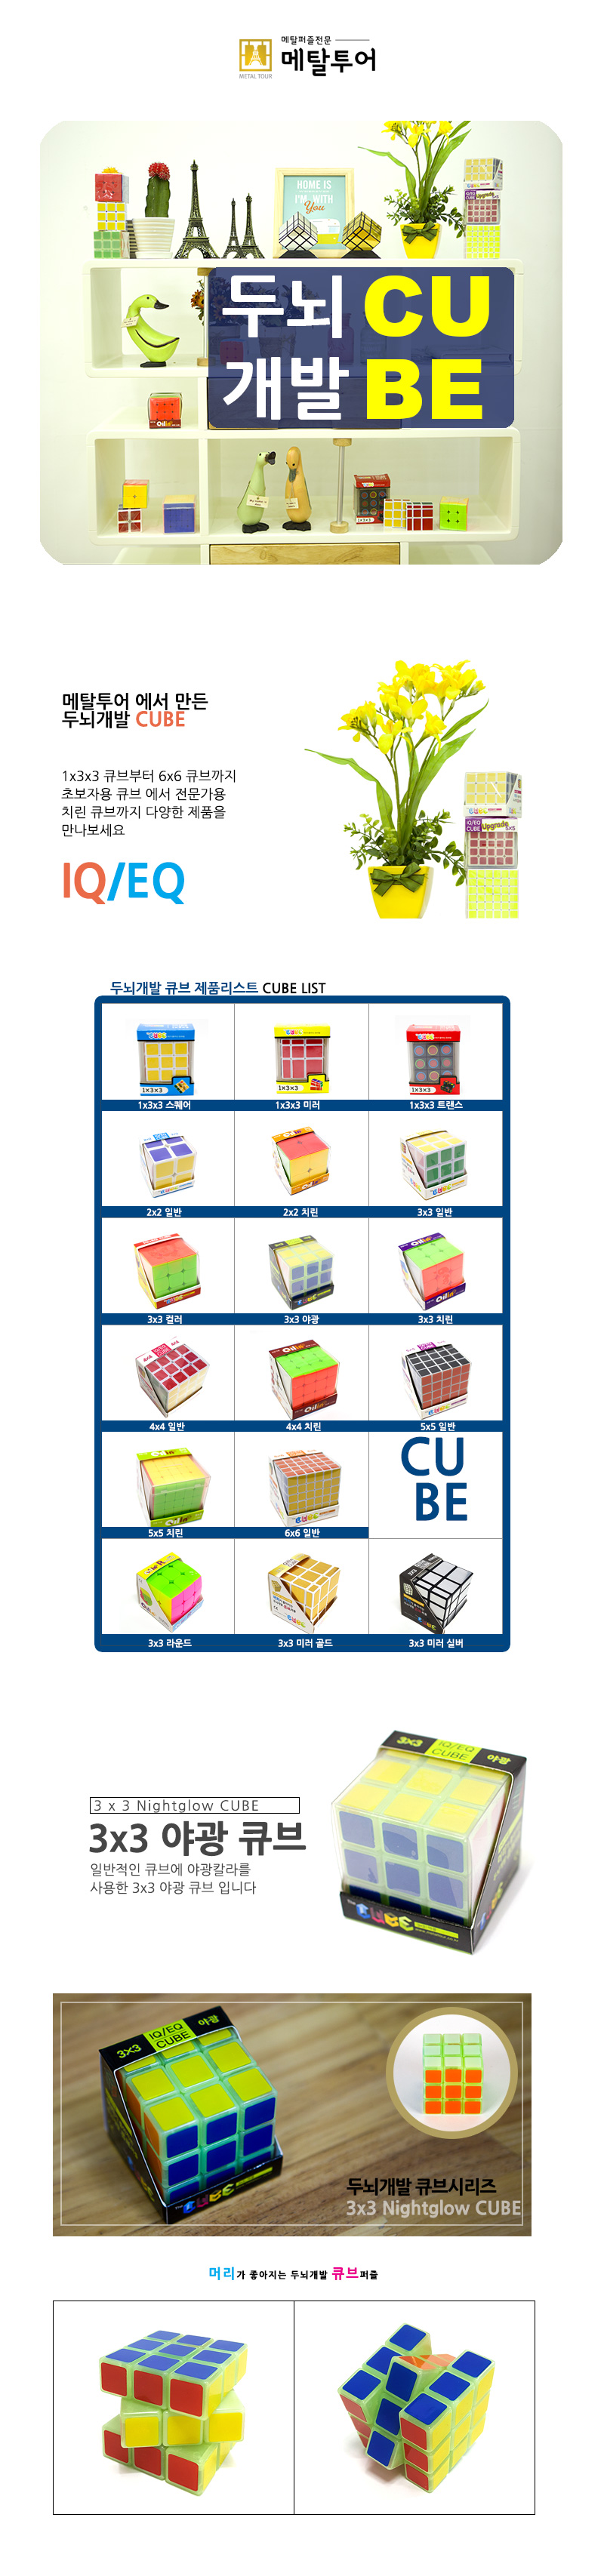 3x3 야광 두뇌개발 큐브 - 메탈투어, 11,000원, 조각/퍼즐, 큐브